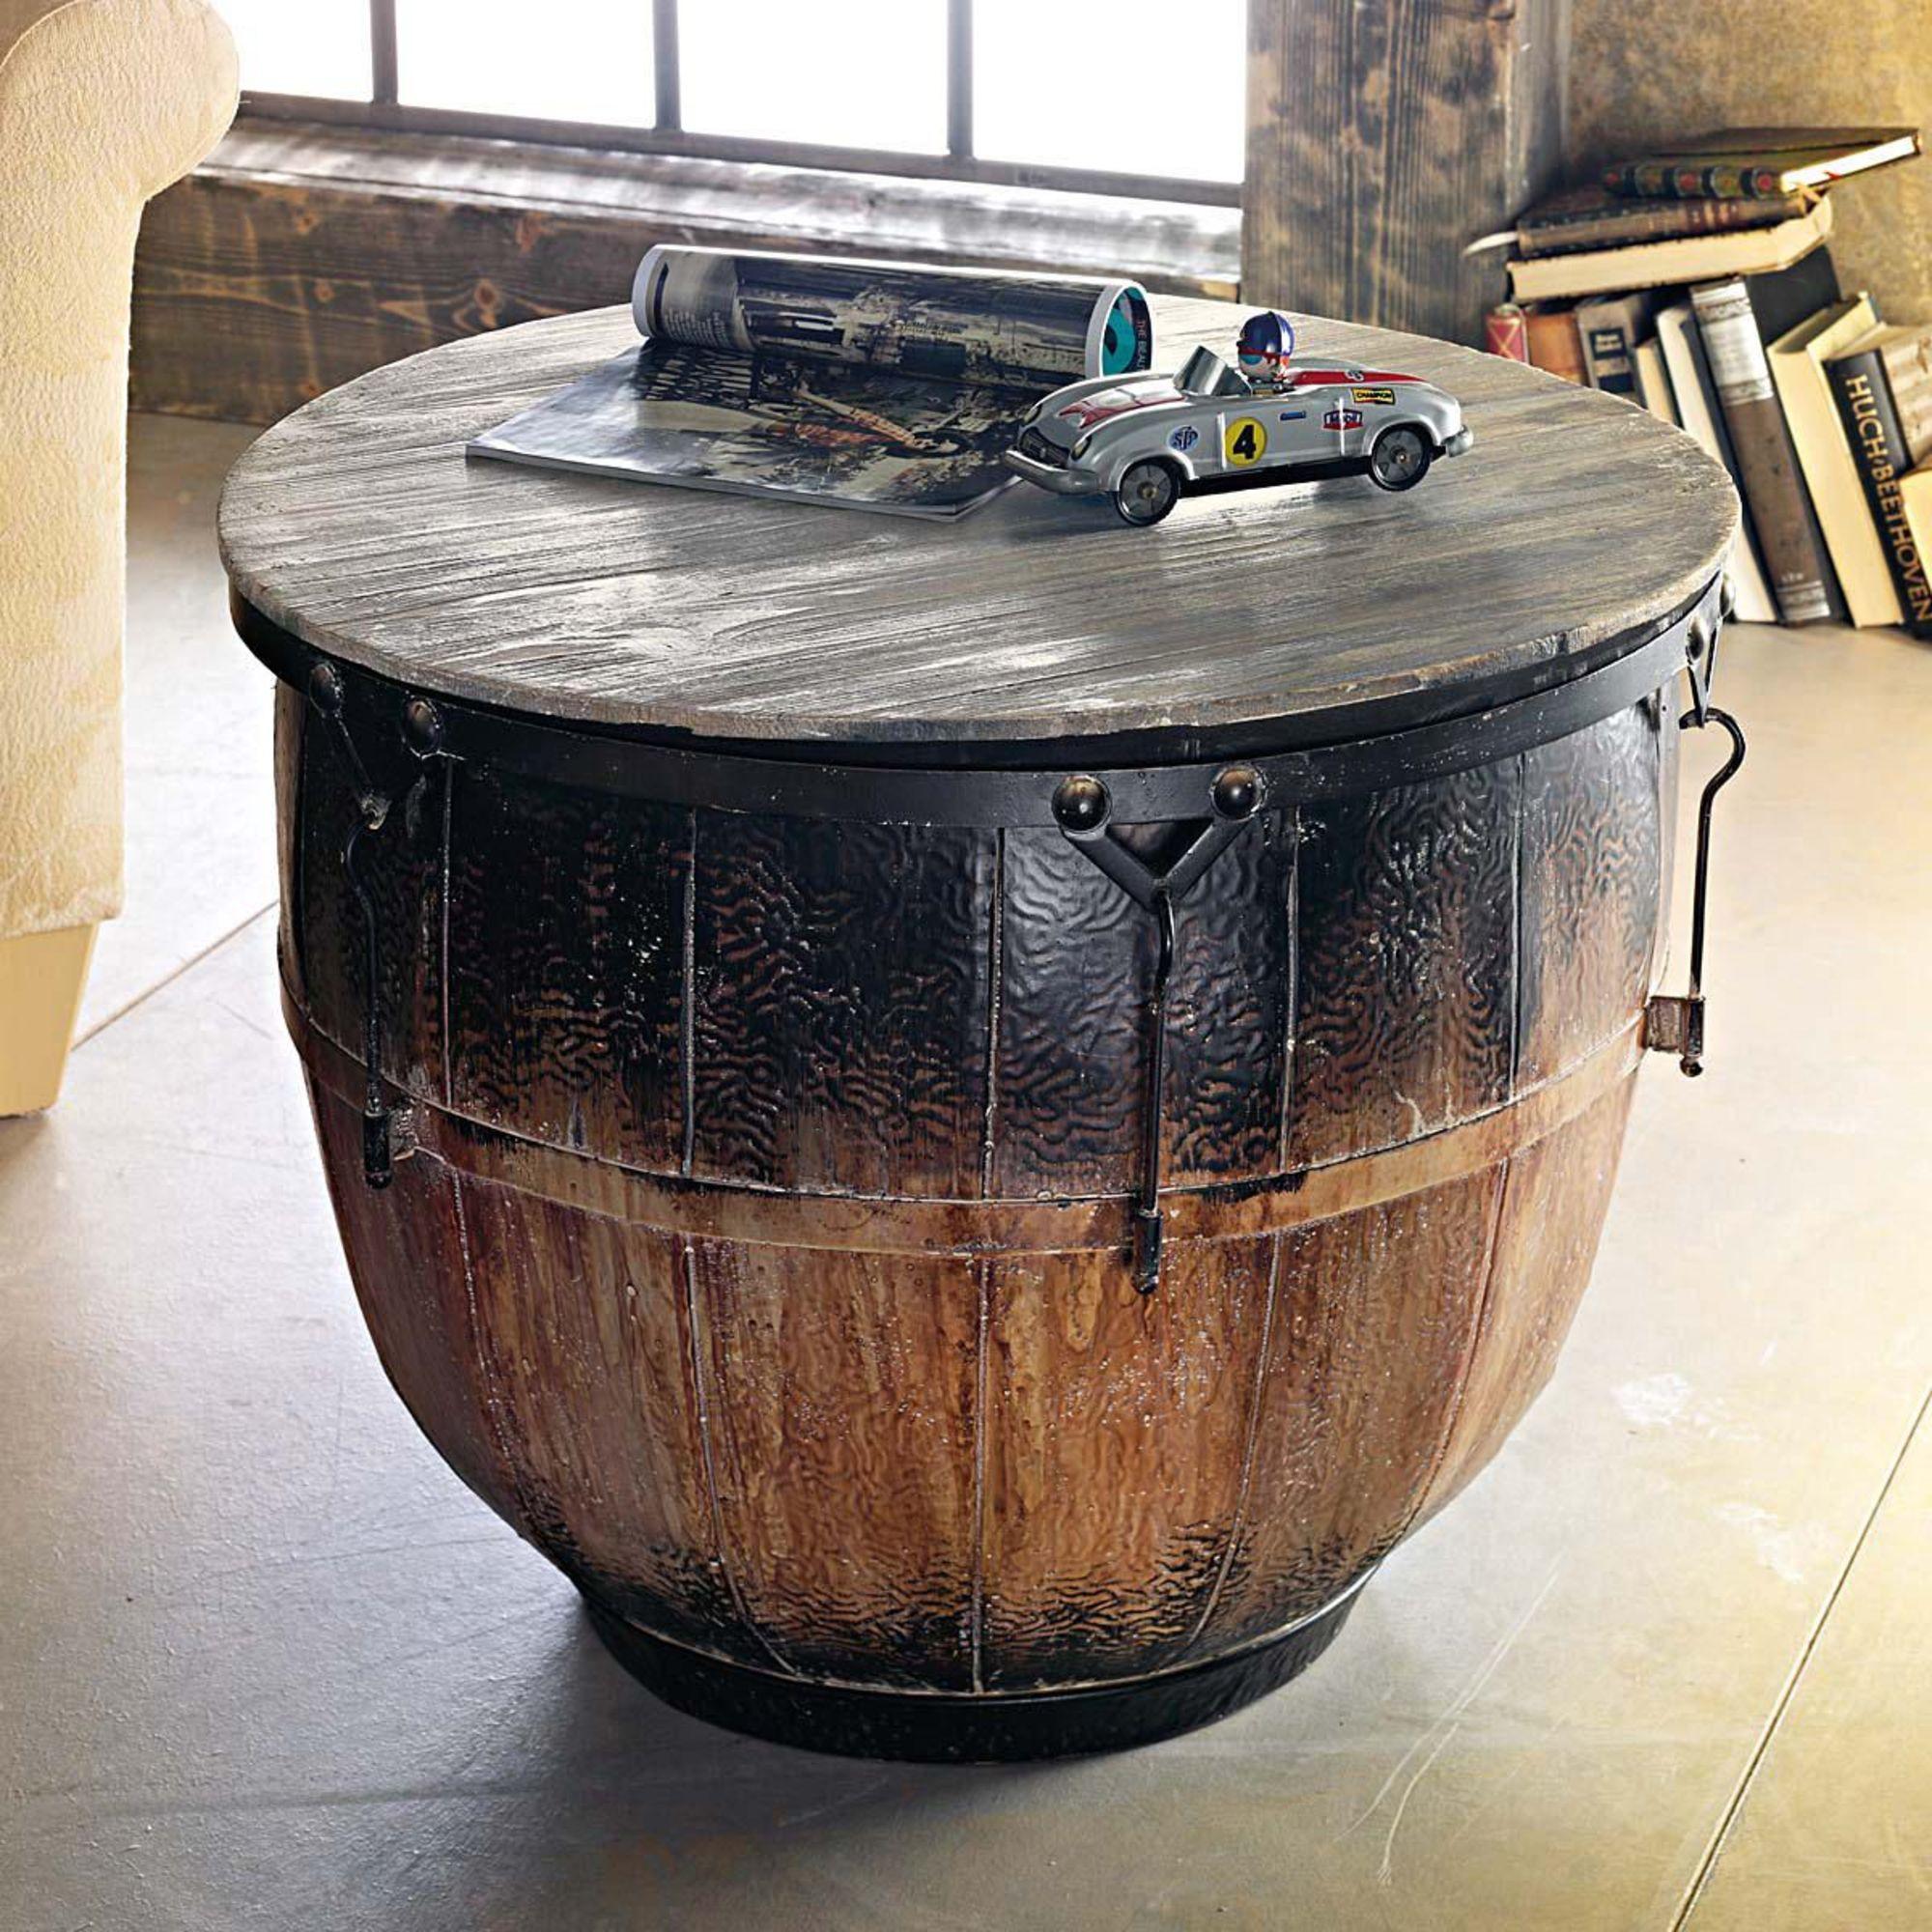 Couchtisch bambam wohnzimmertisch industrial chic design for Wohnzimmertisch ebay